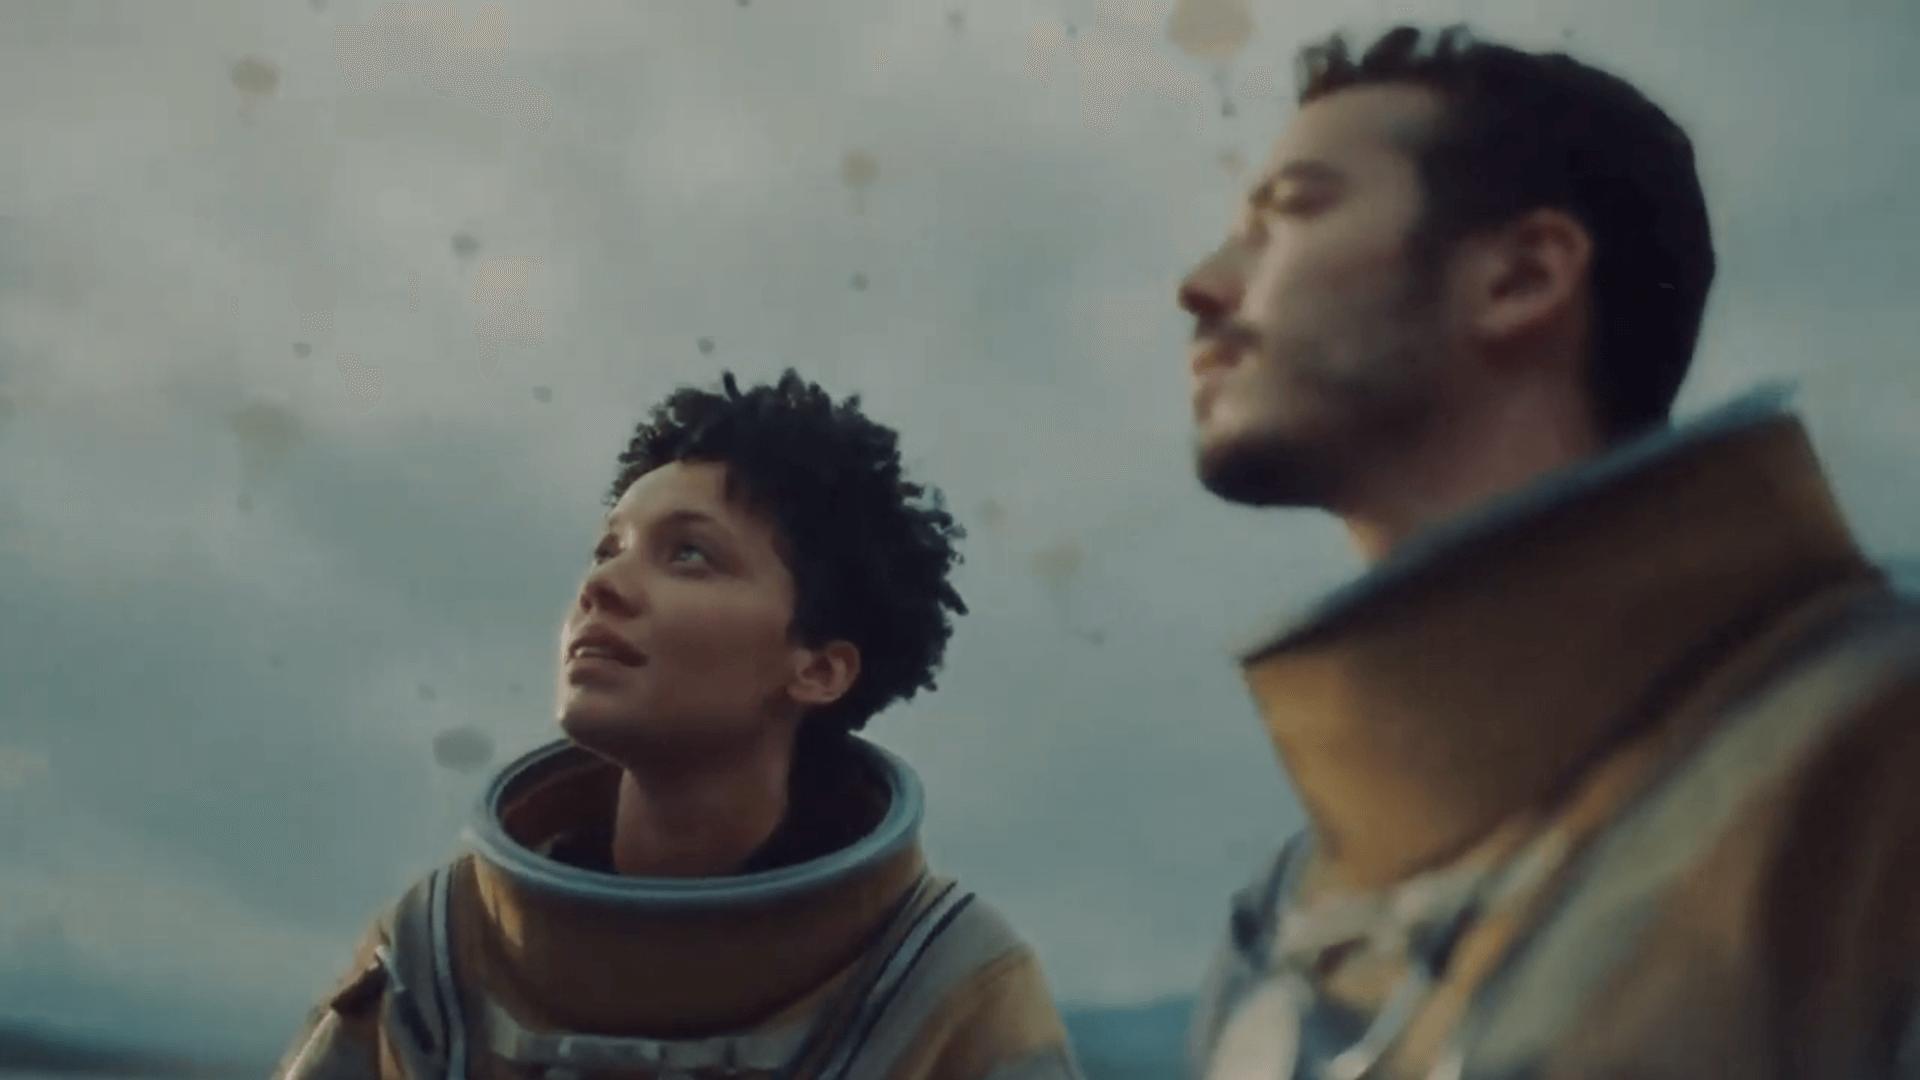 Campaign: Johnnie Walker - Astronaut